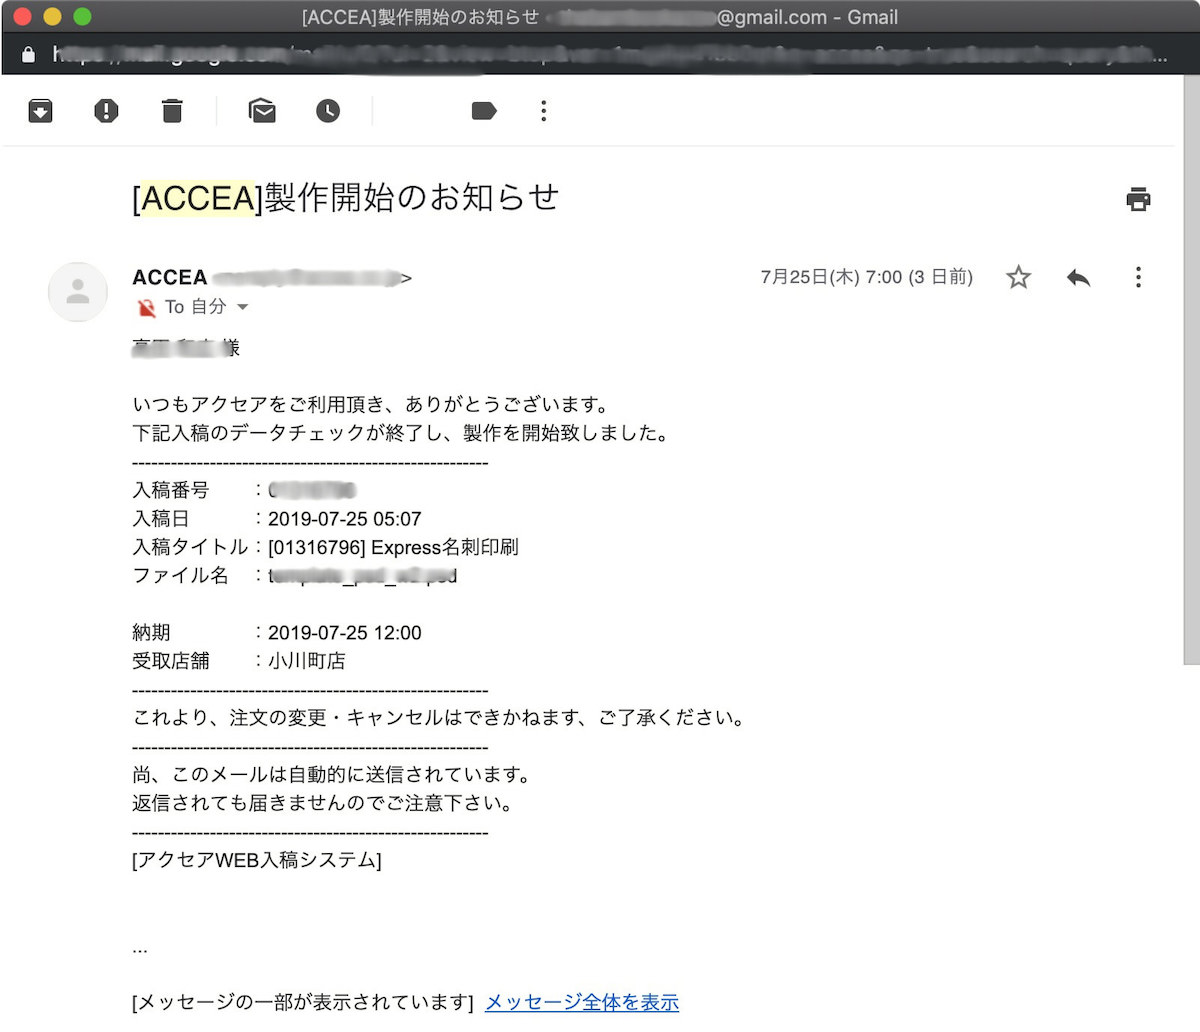 sokujitsu-accea_6